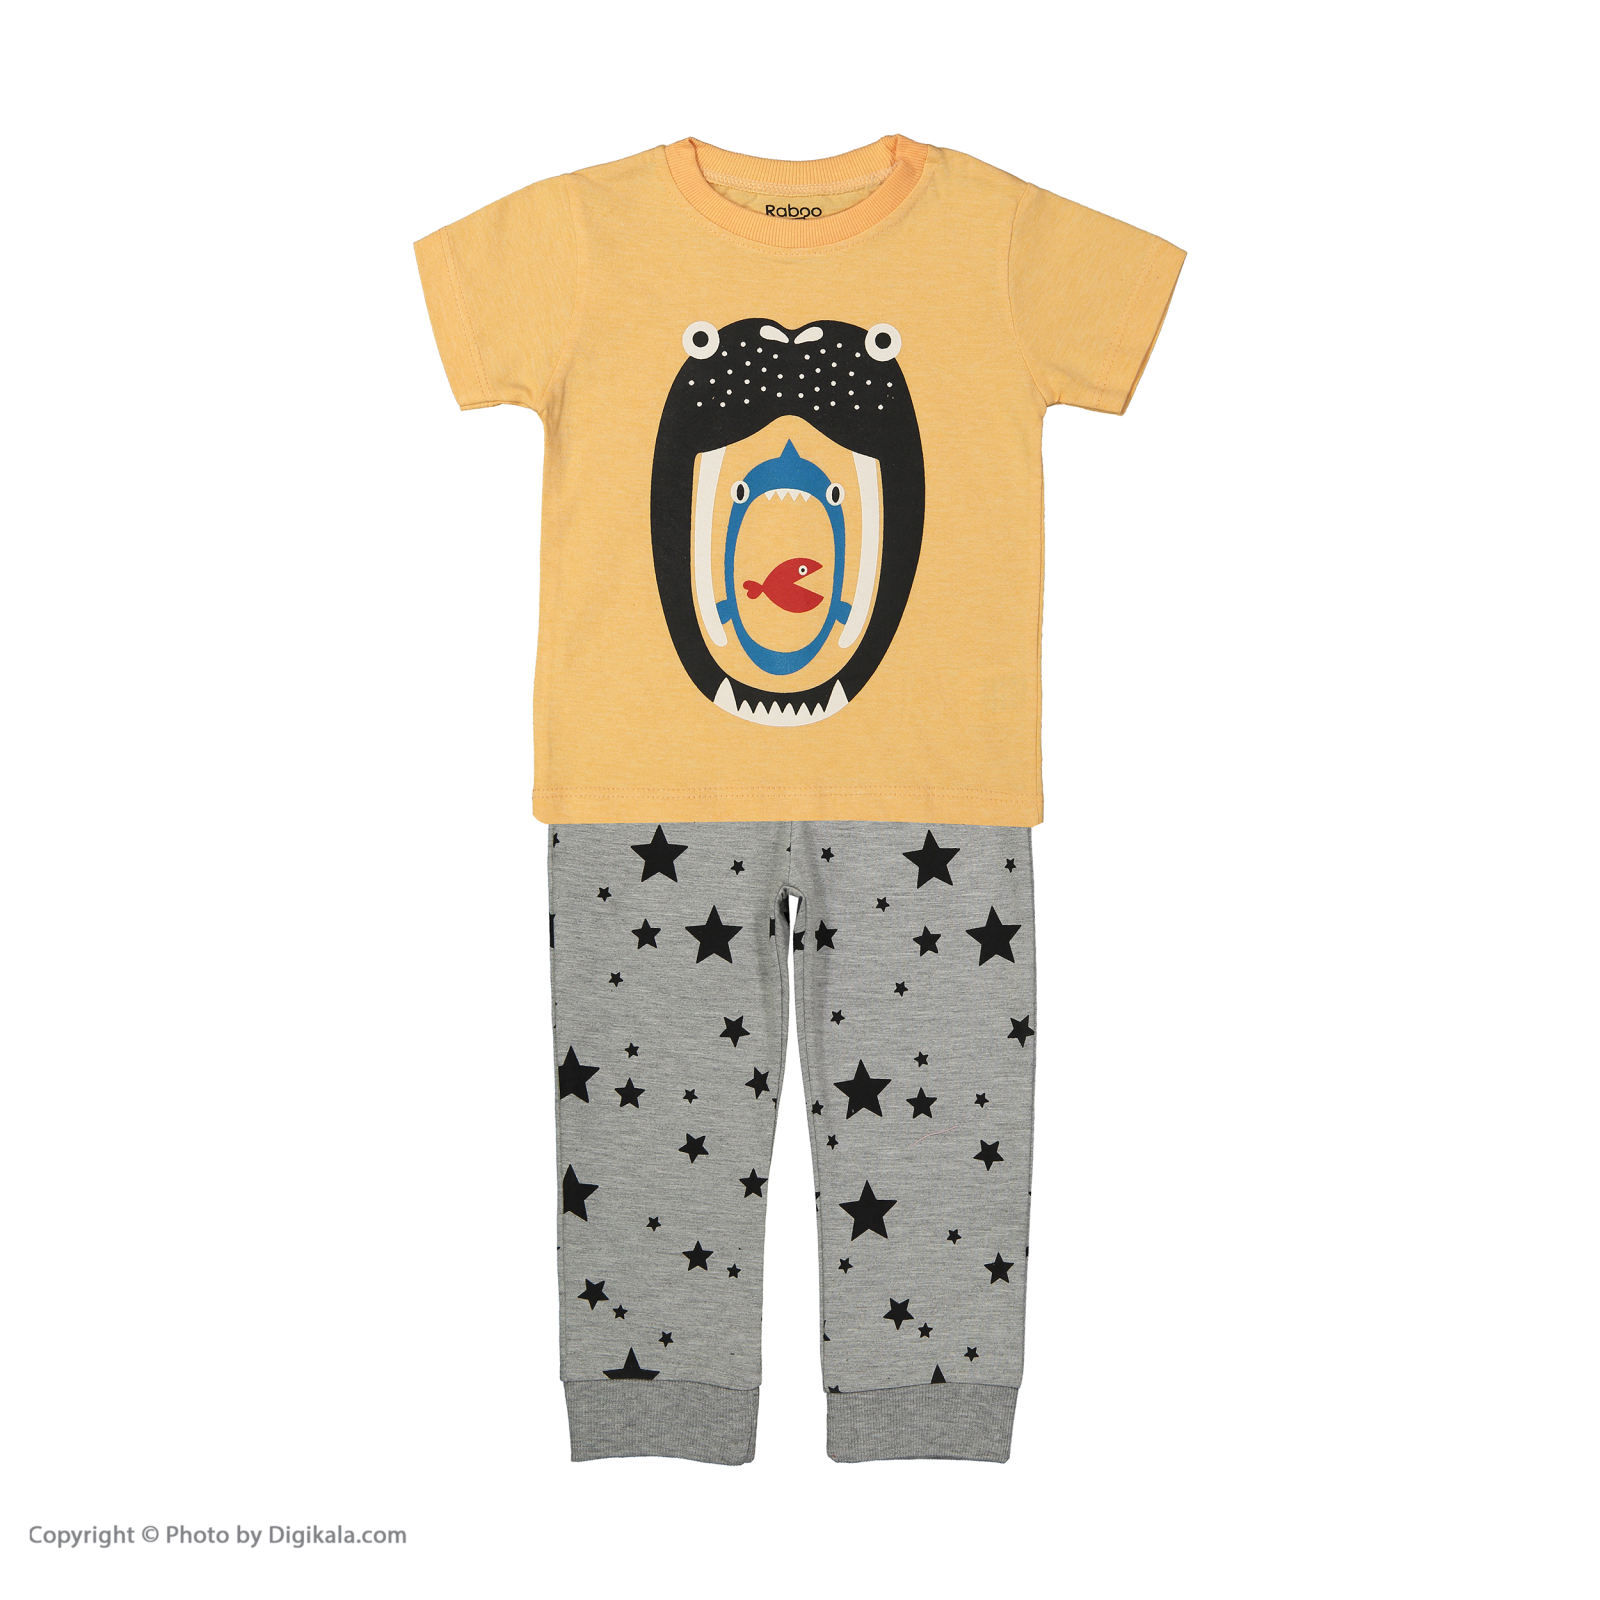 ست تی شرت و شلوار دخترانه رابو مدل 2051125-23 -  - 1